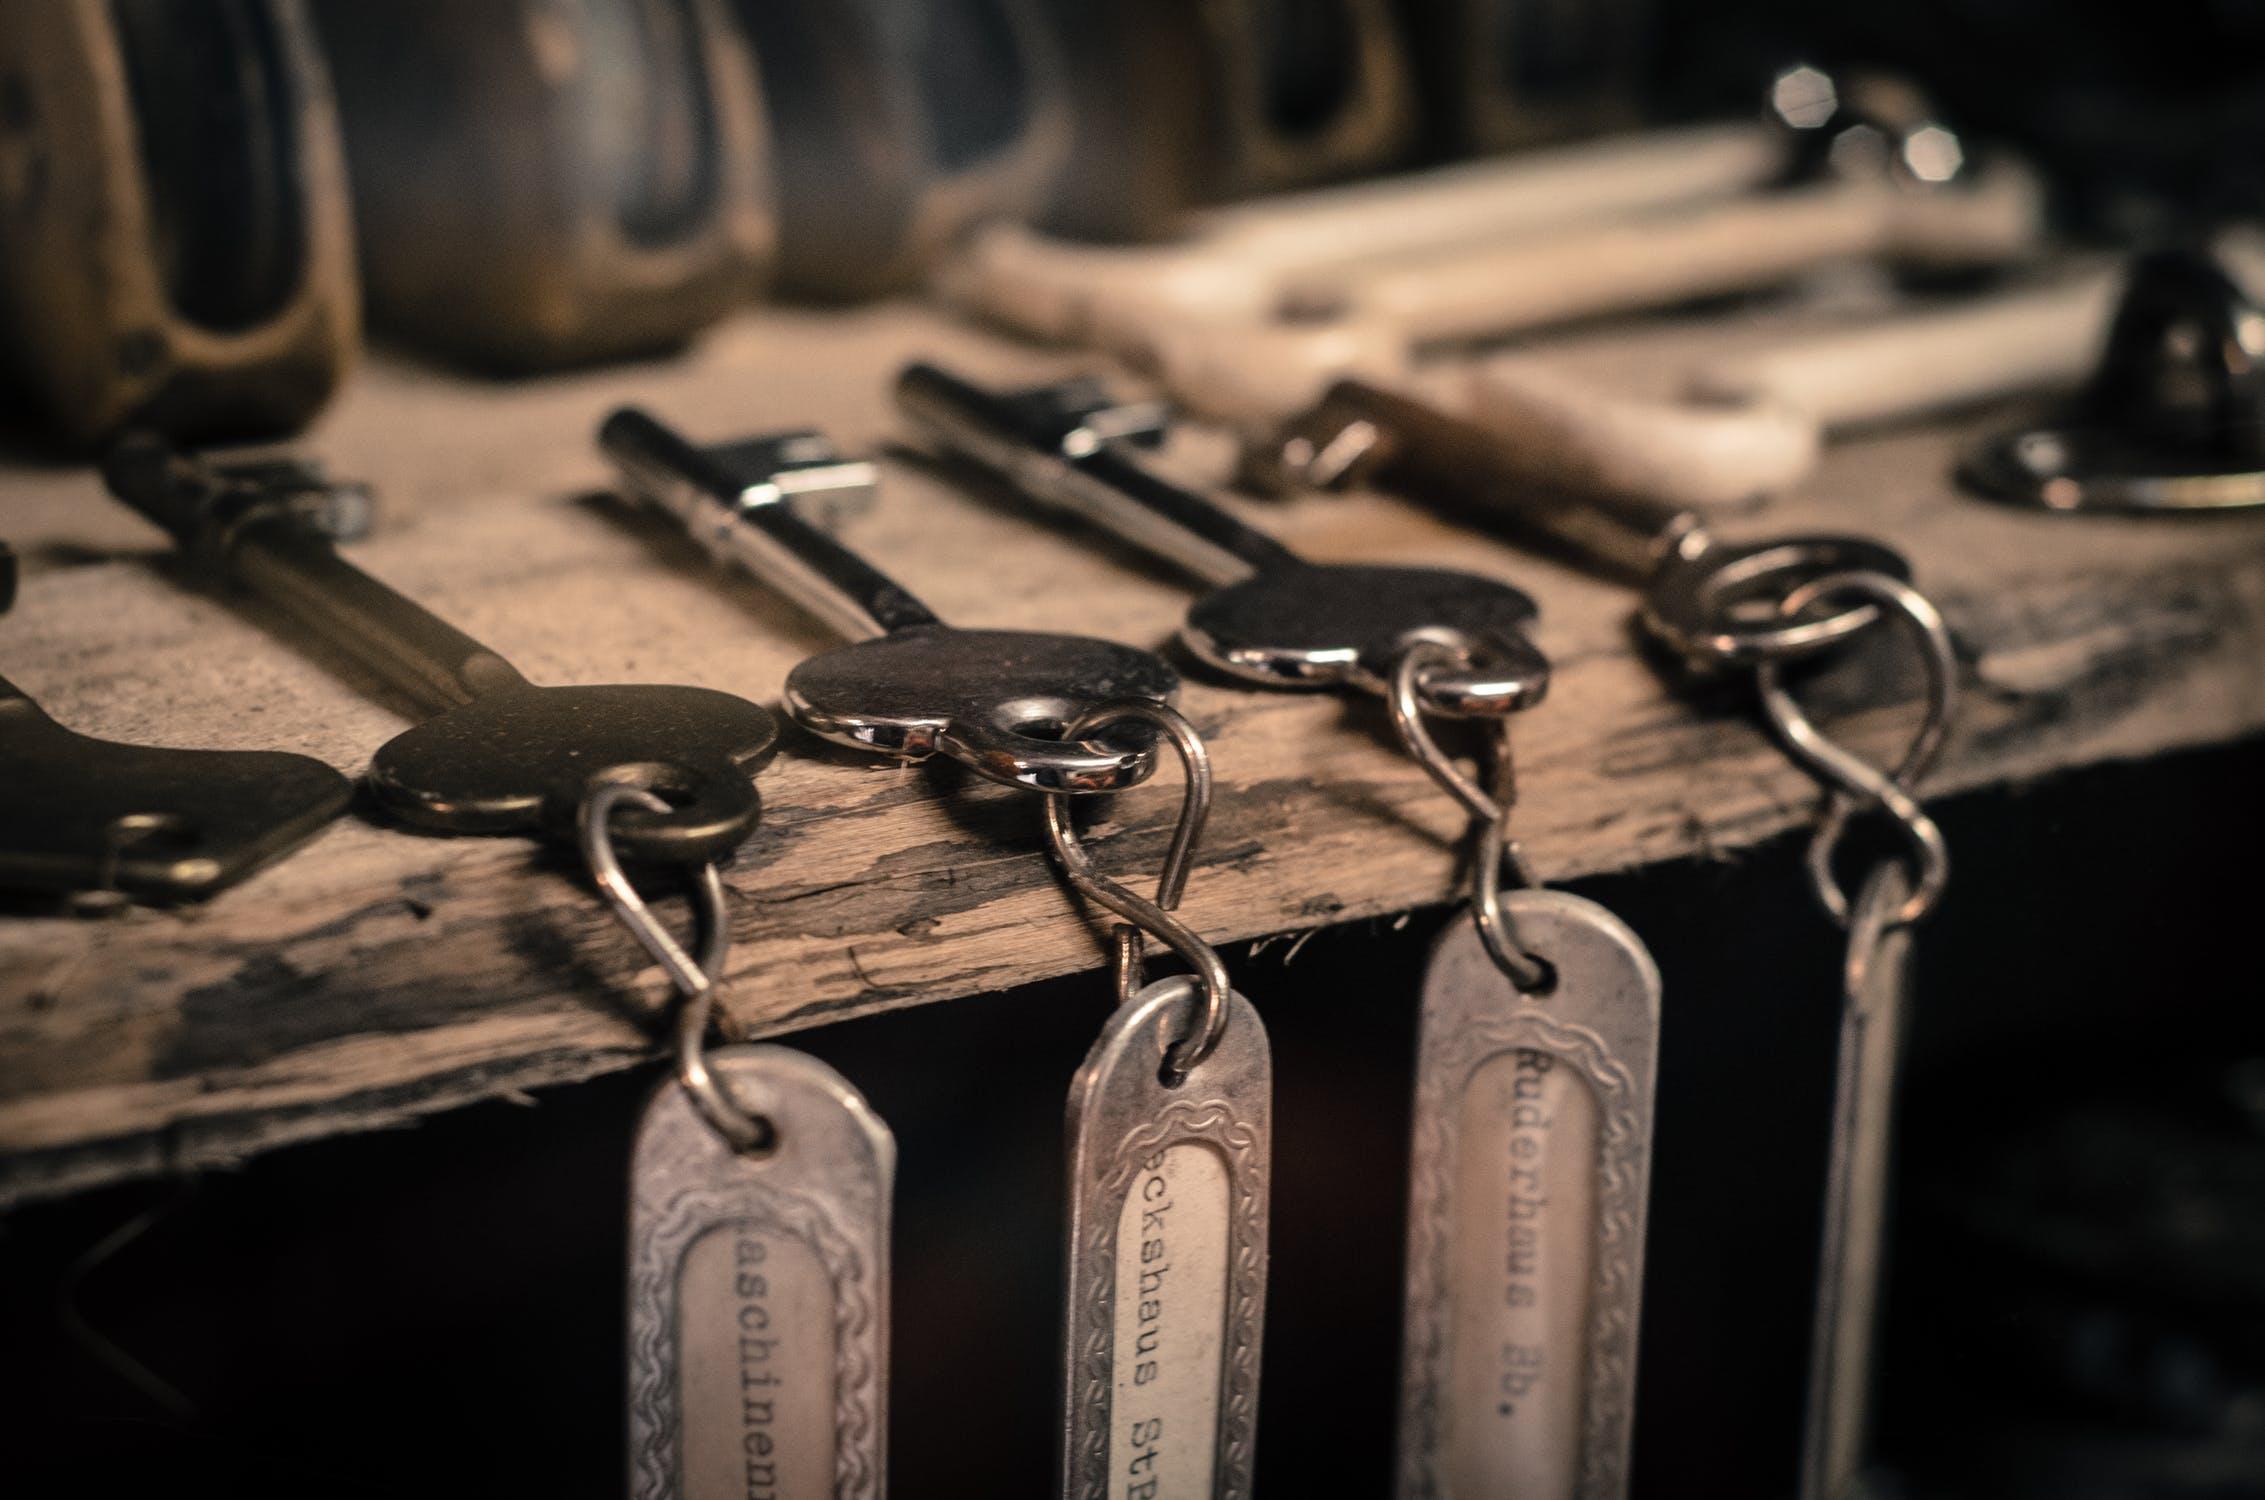 來看看你知道多少種鑰匙扣的材質分類?